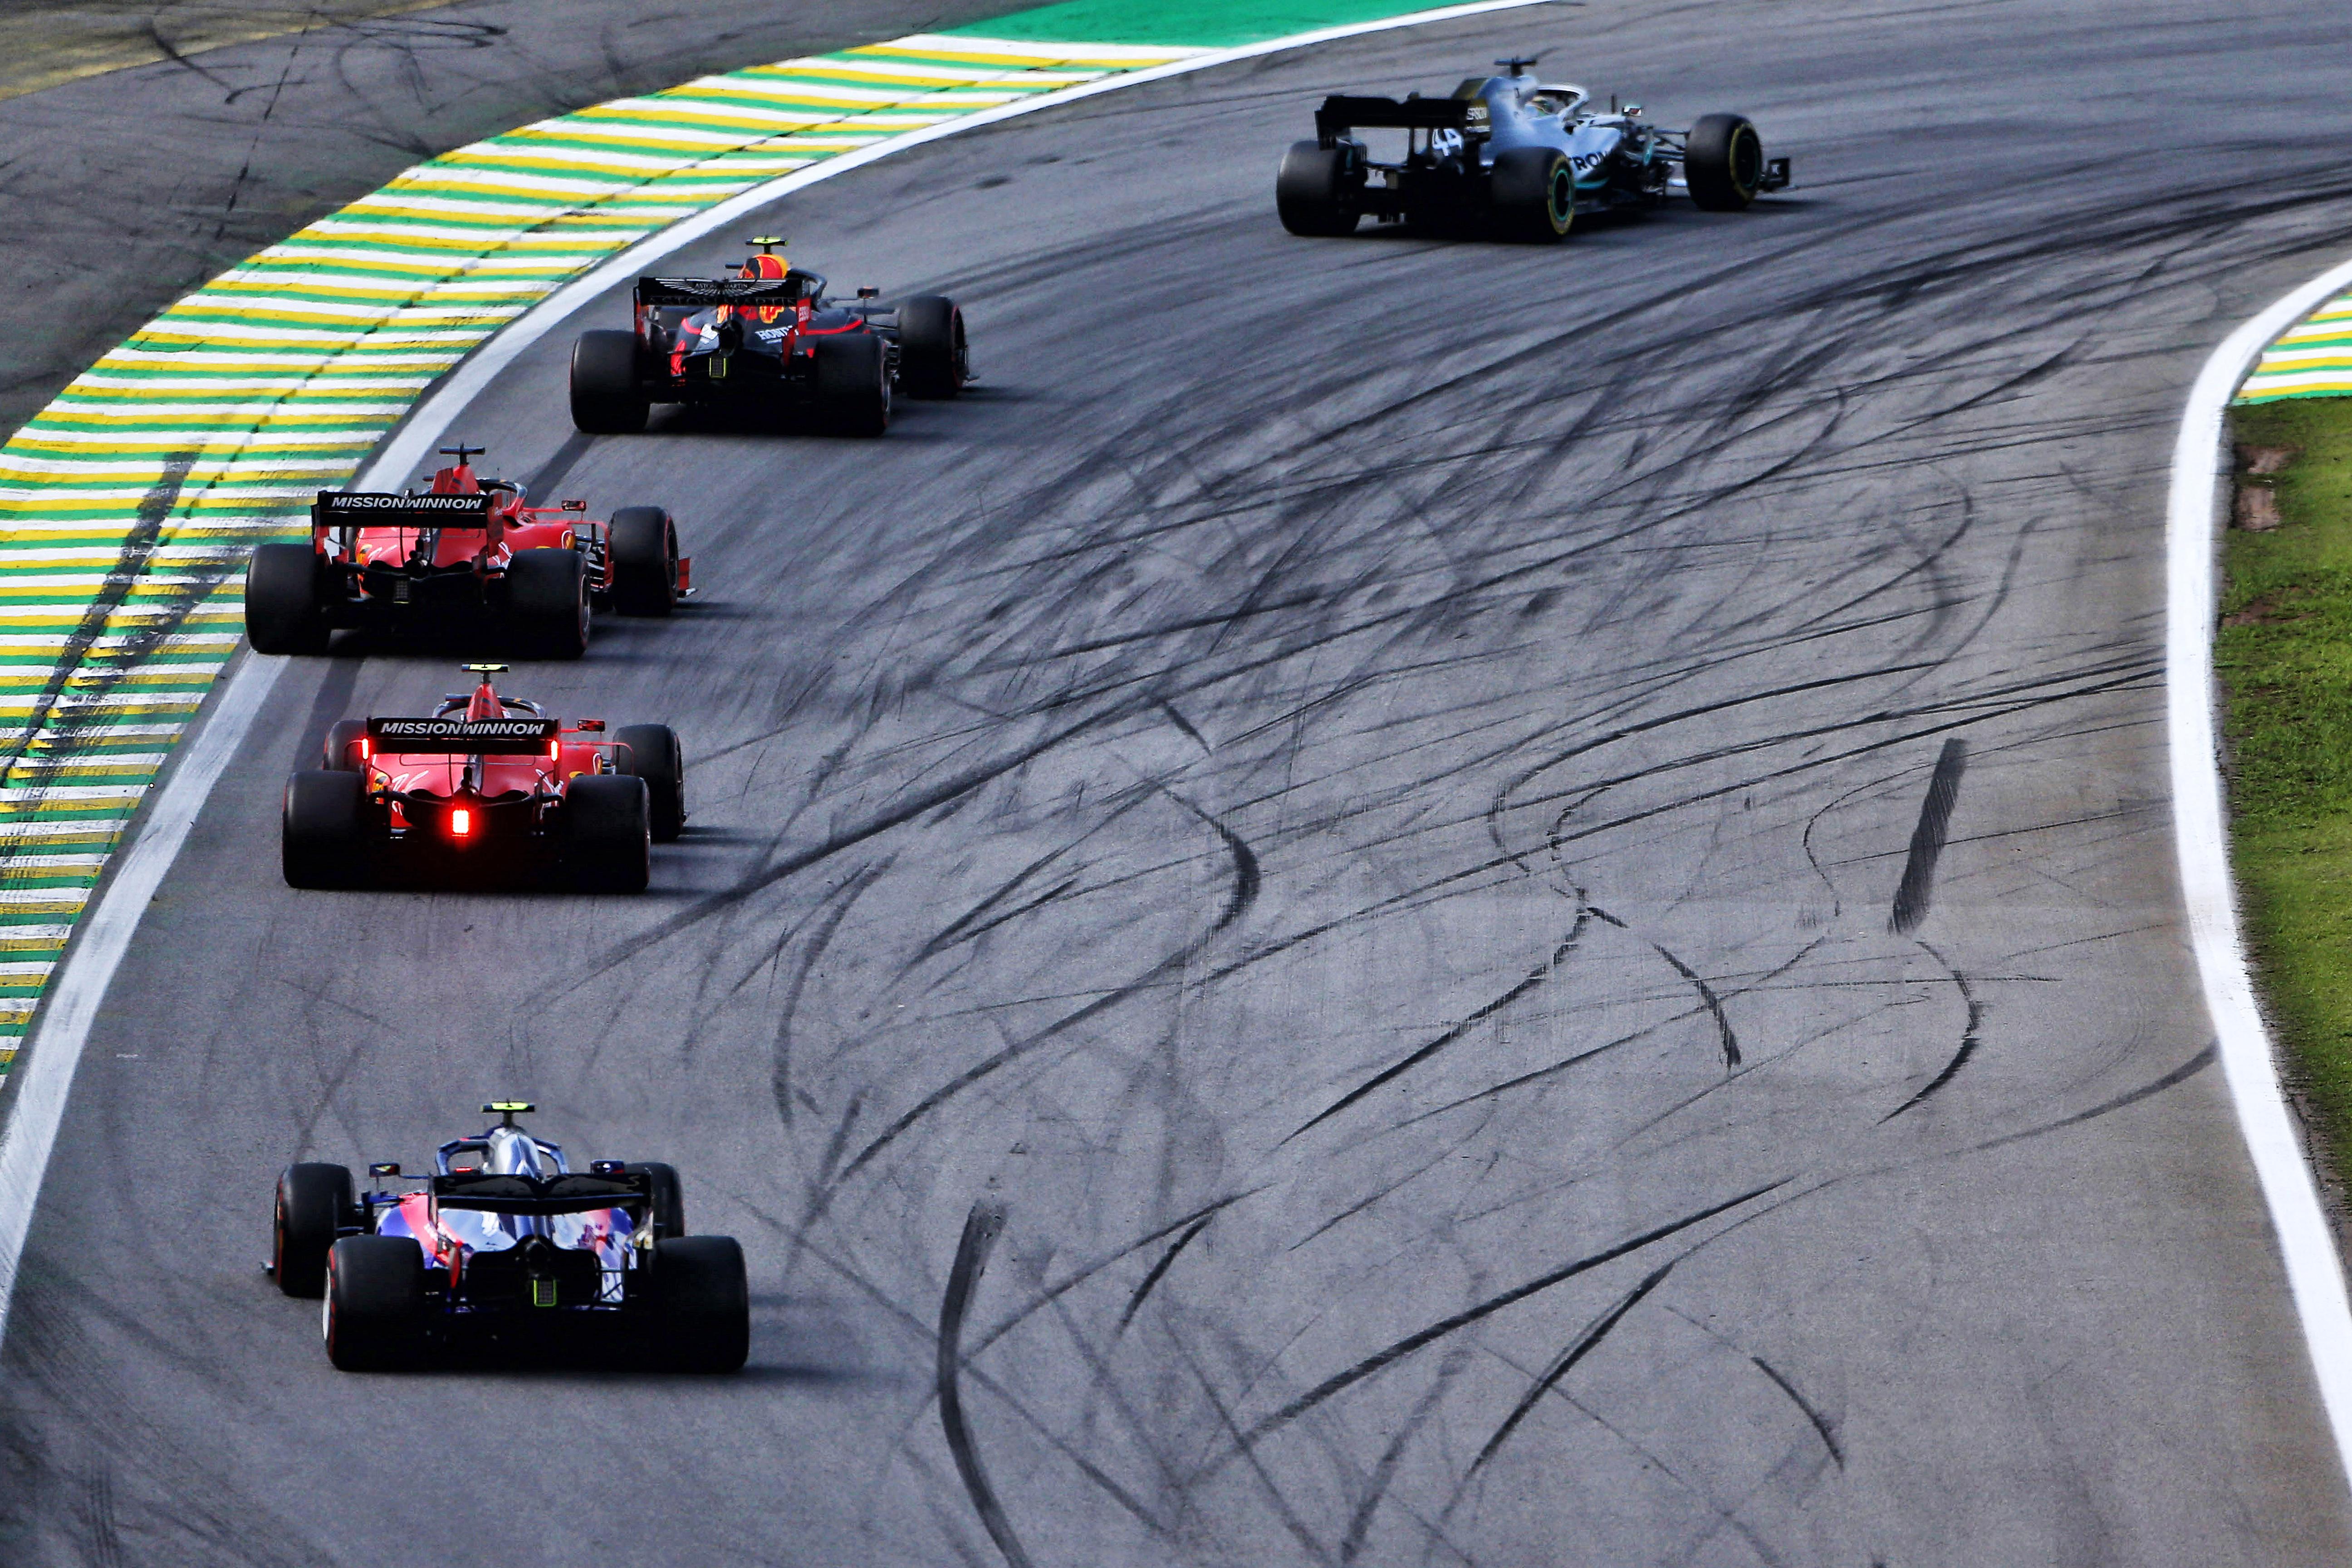 Mercedes Ferrari Red Bull Brazilian Grand Prix 2019